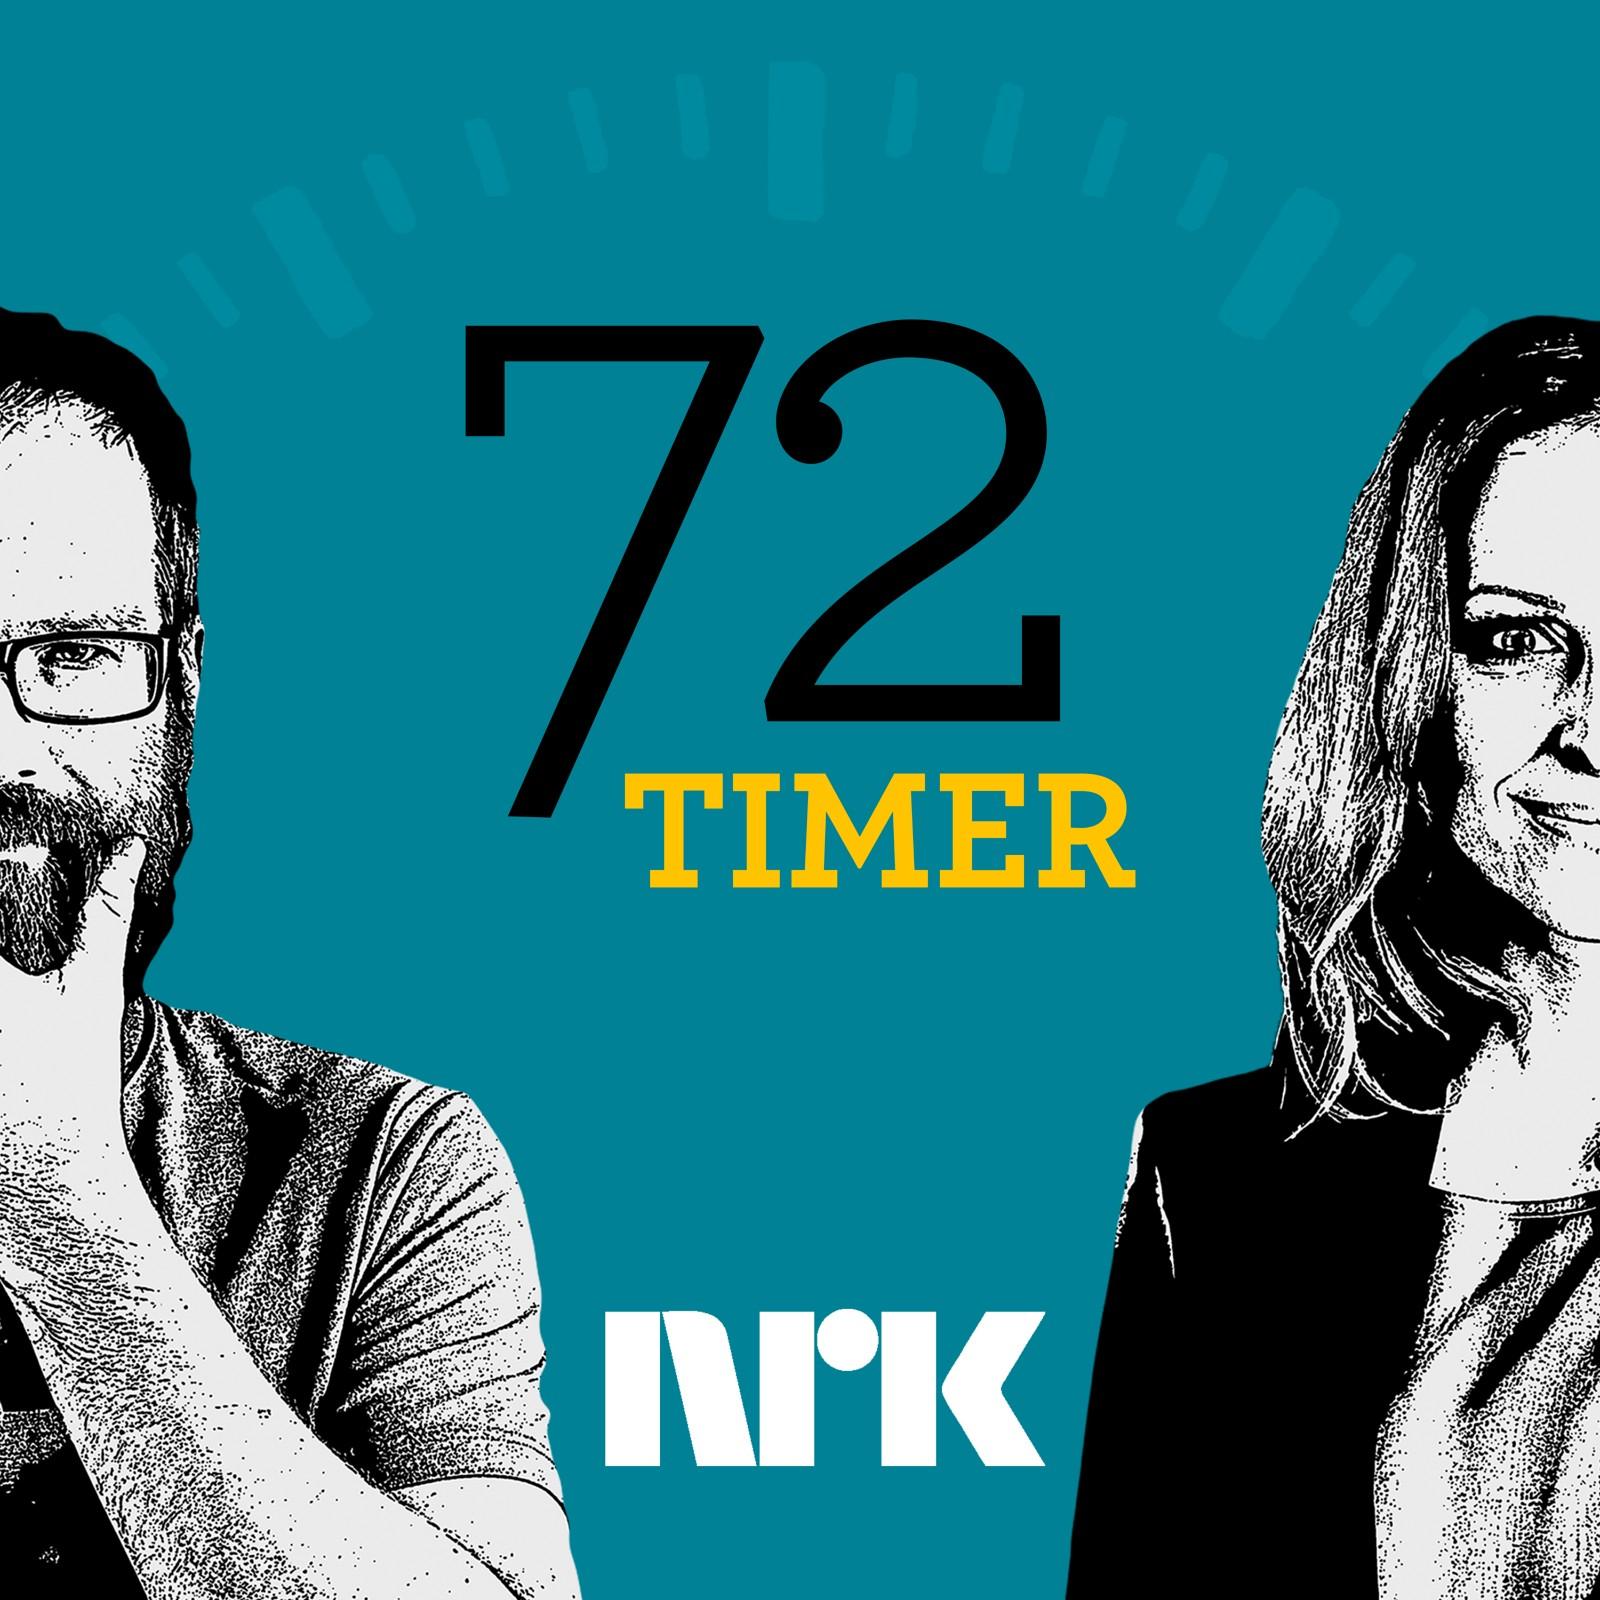 72 timer.jpg